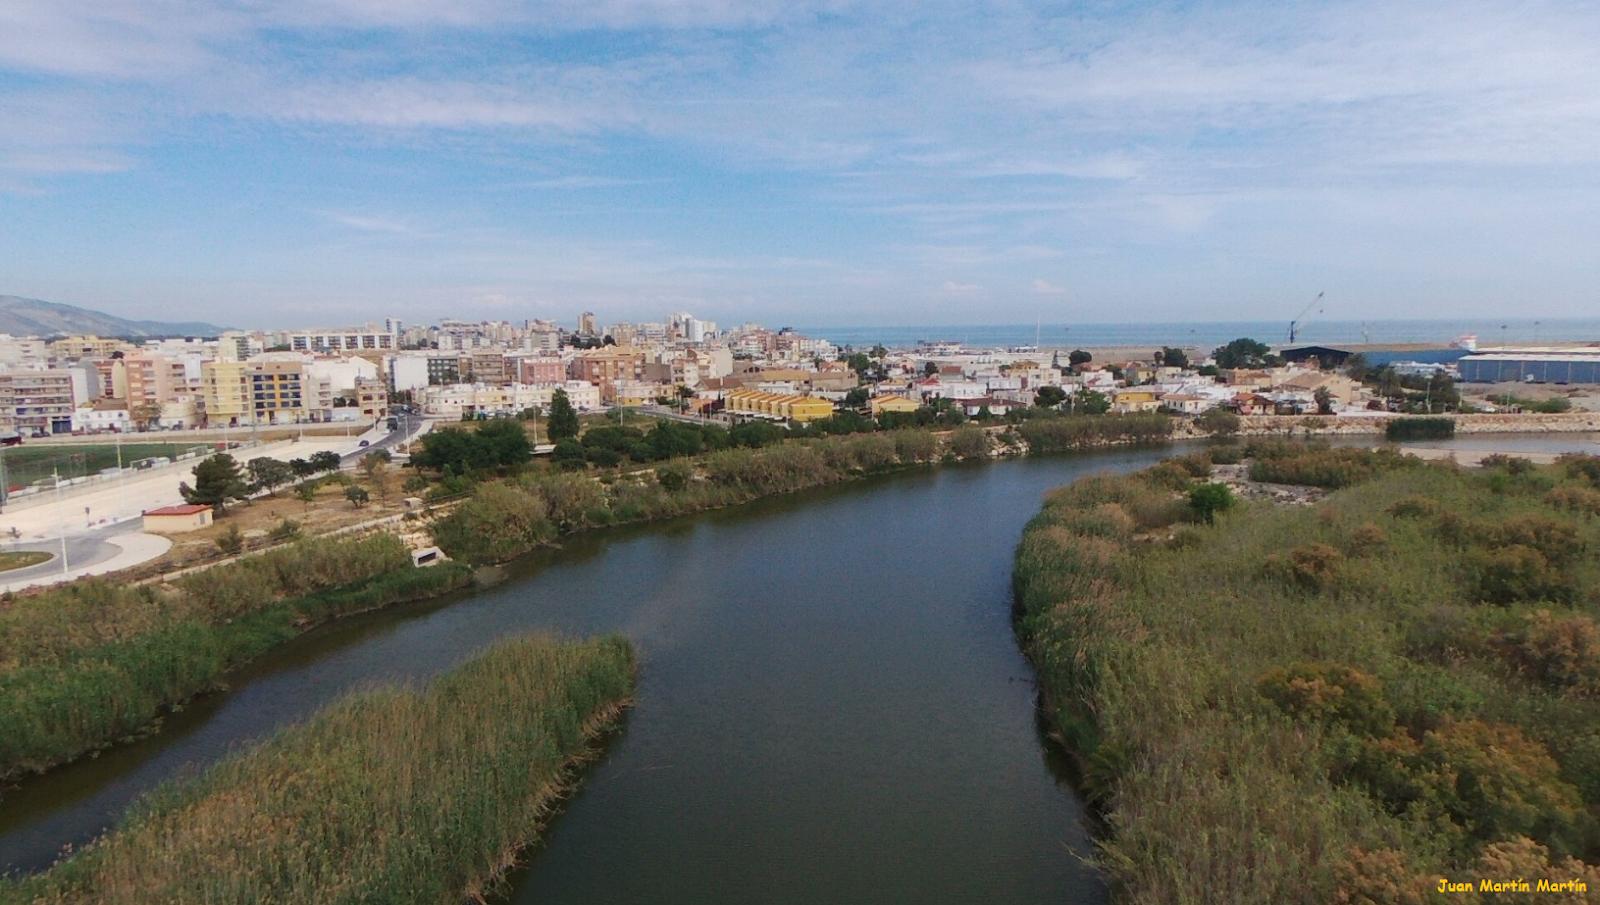 Desembocadura del Río Serpis. Gandía (Vídeo)